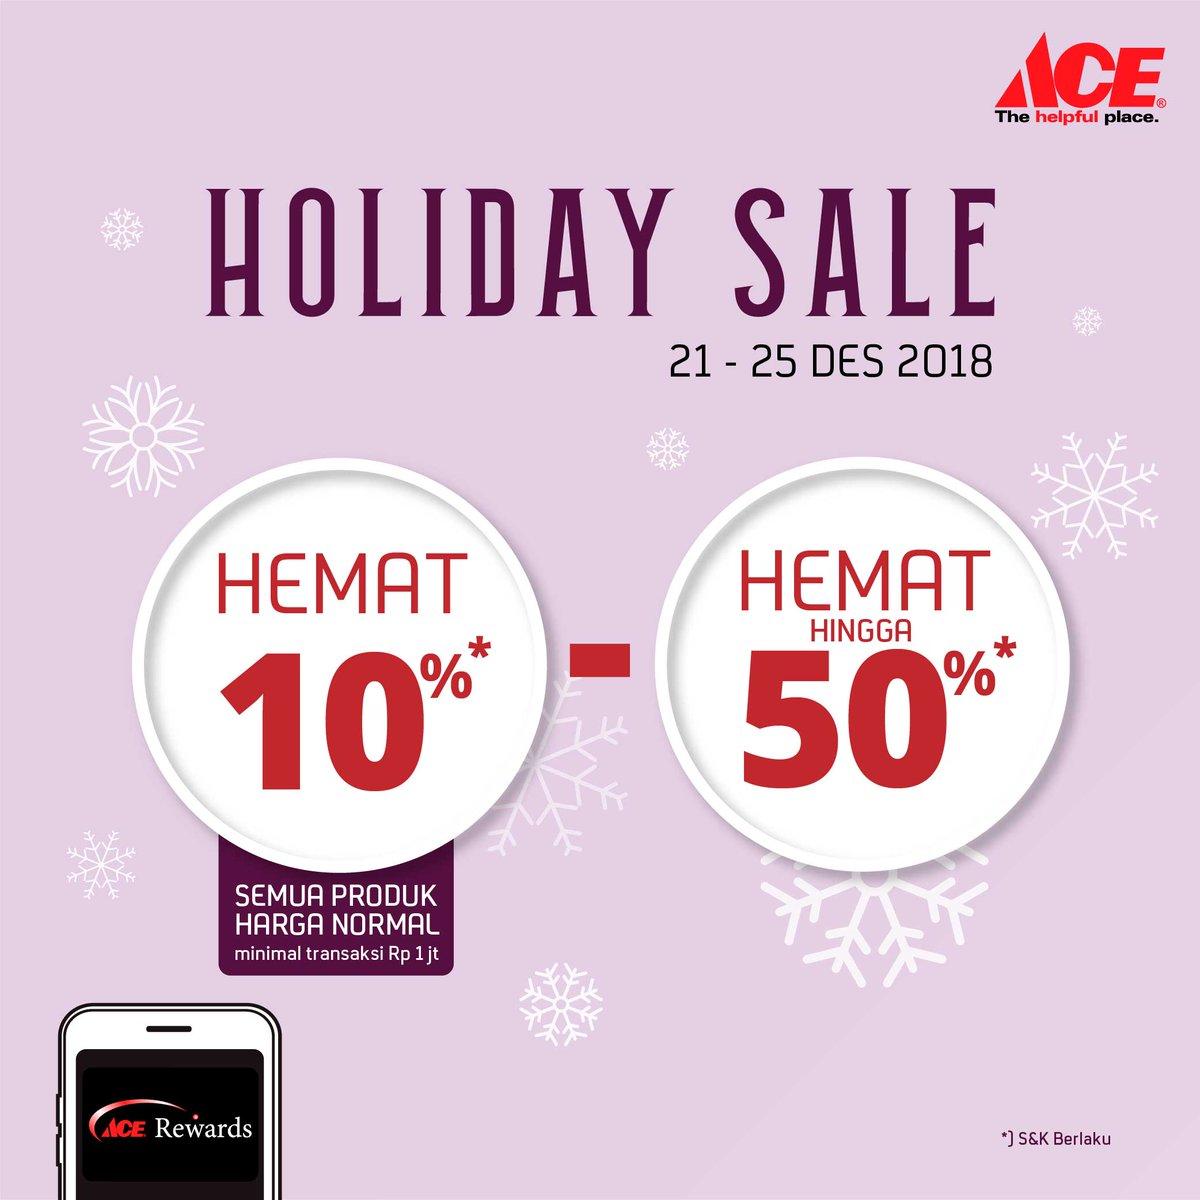 #AceHardware - Promo Hemat Mulai 10% s/d 50% di Holiday Sale 2018 (s.d 25 Des 2018)